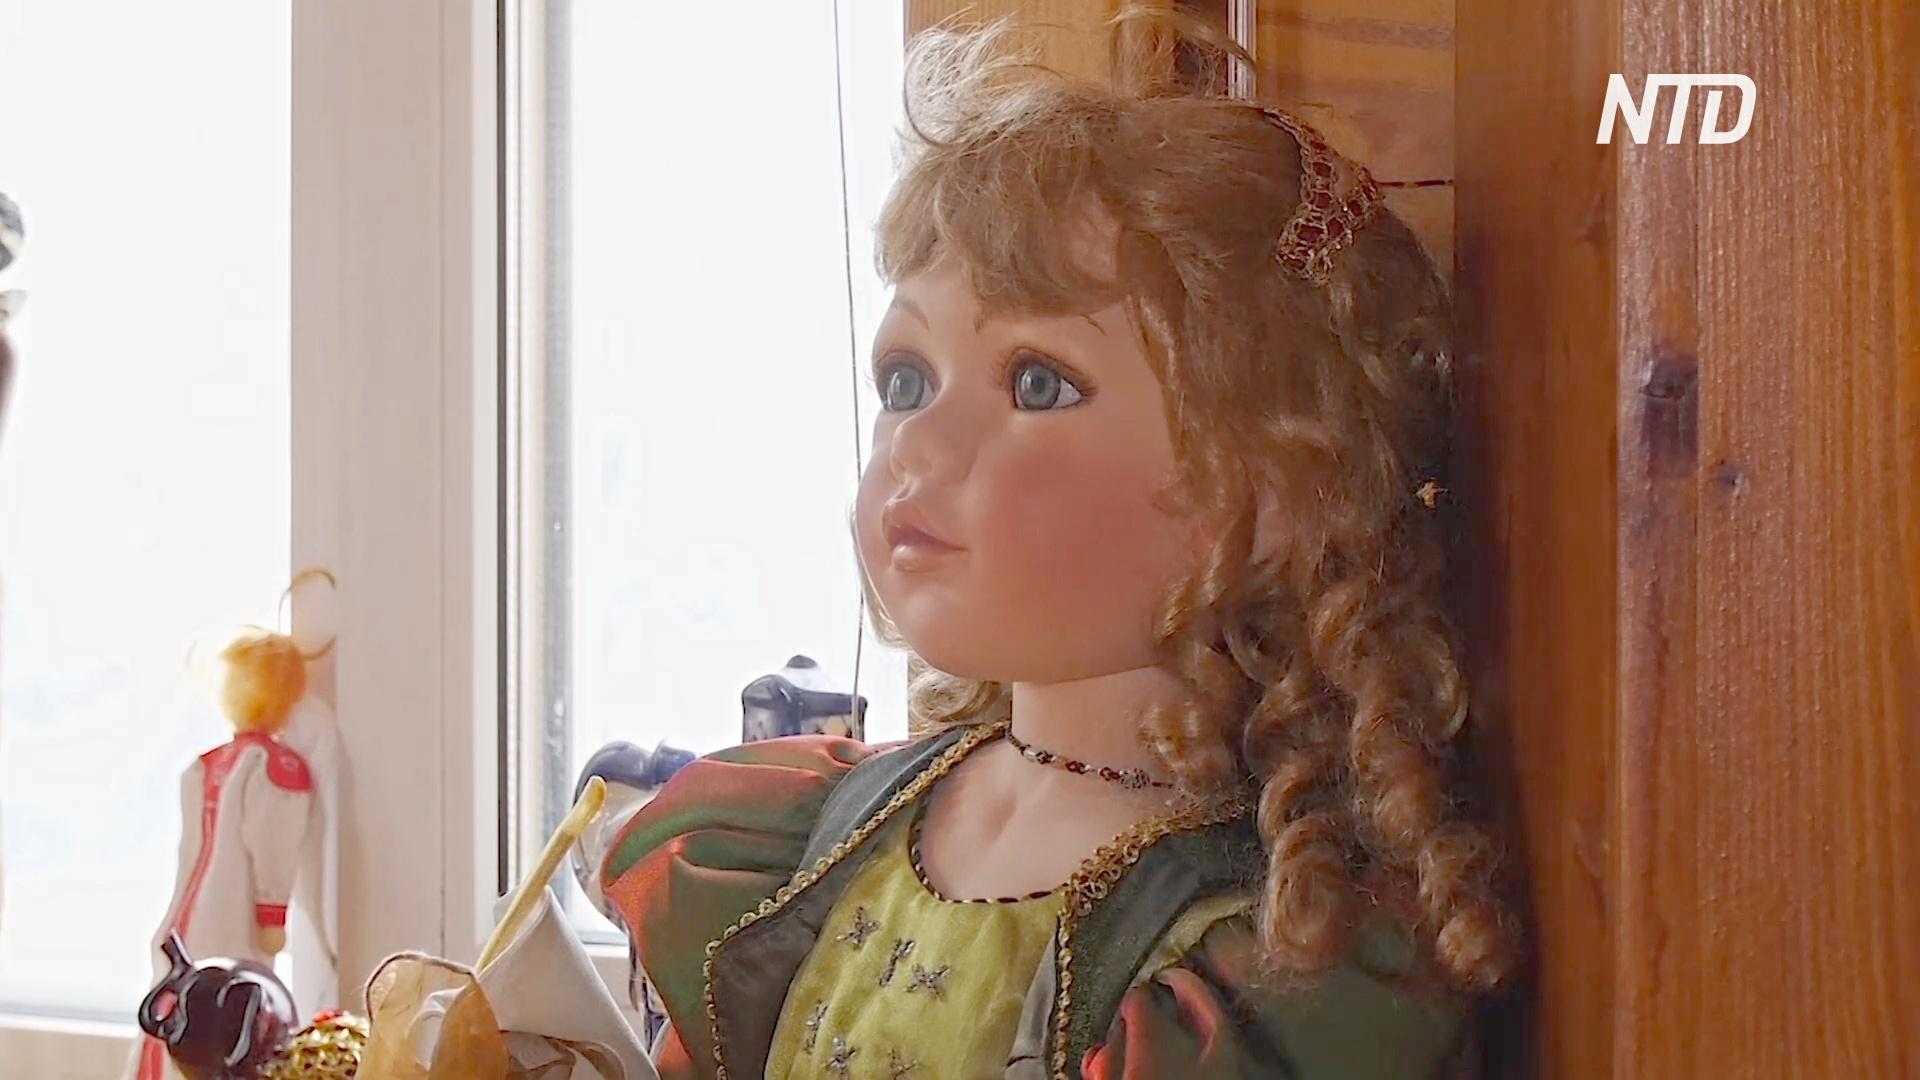 Антикварные, редкие и просто милые: москвичка собрала коллекцию из 800 кукол